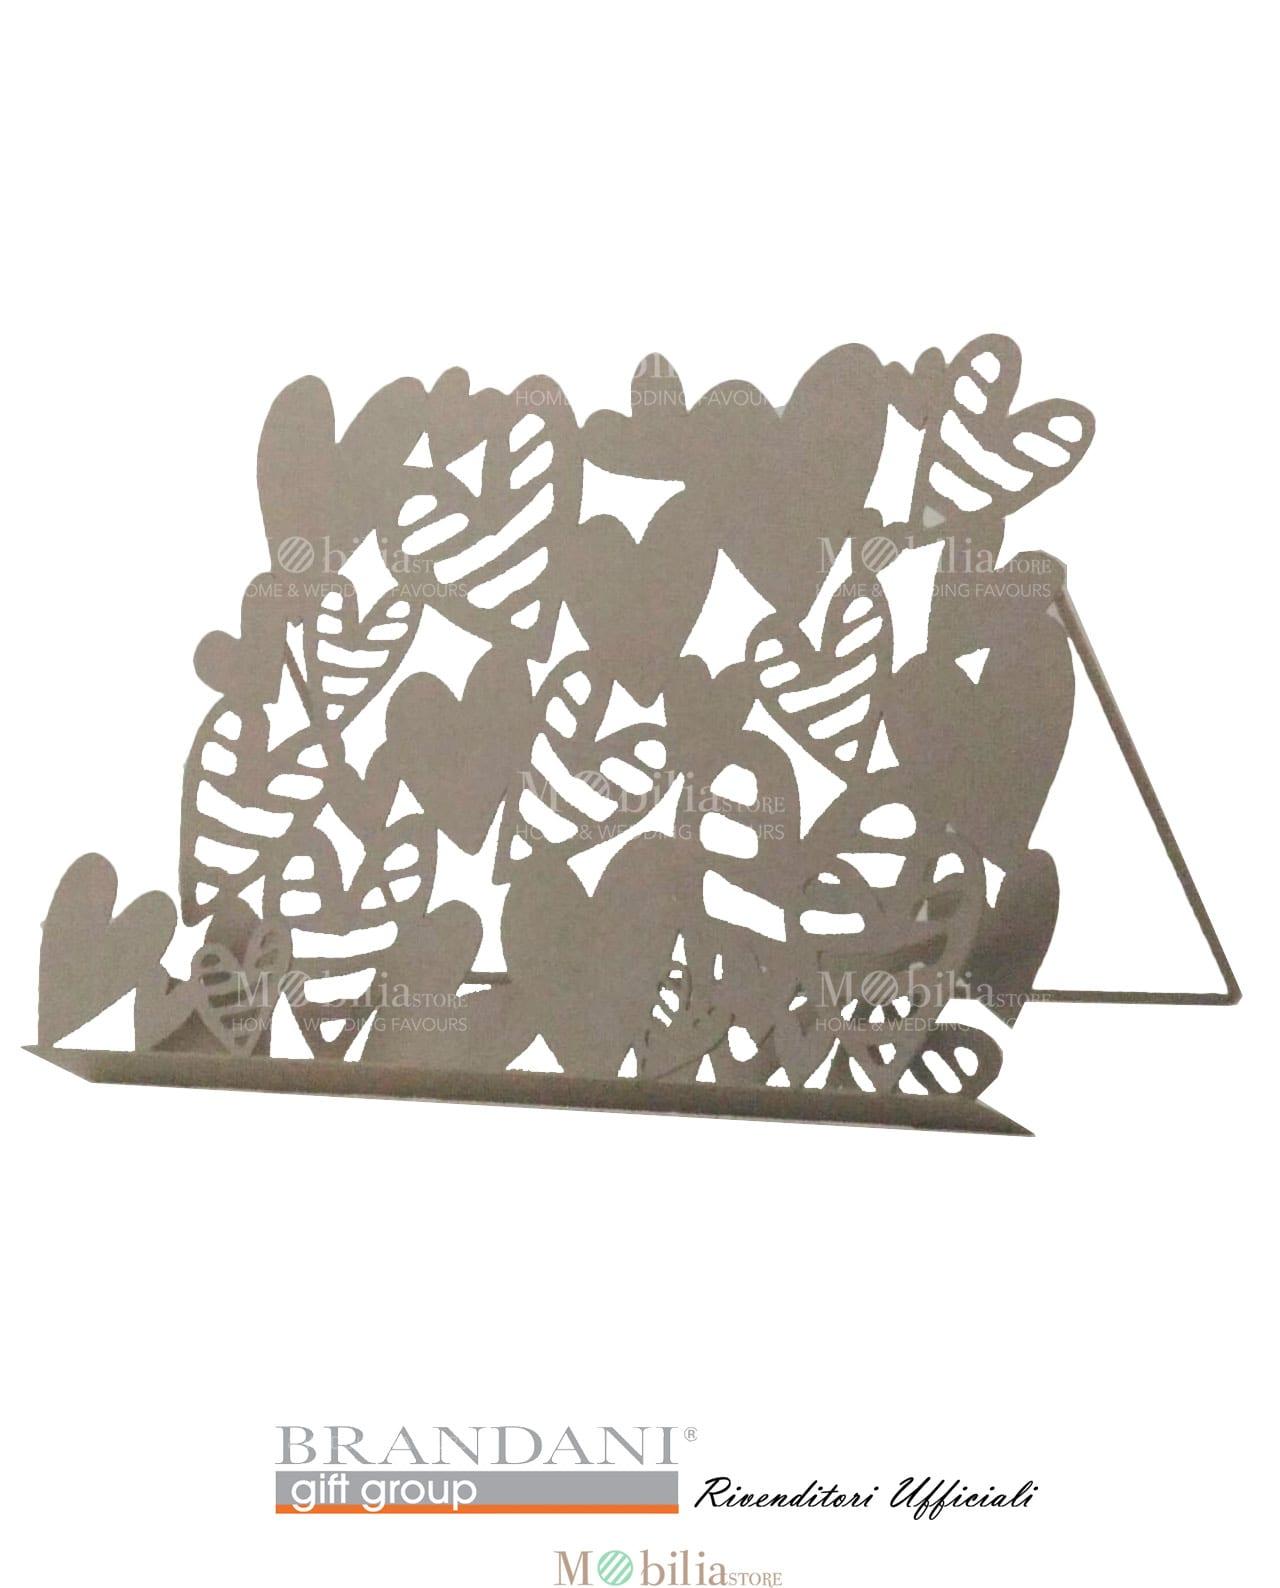 Leggio da tavolo metallo batticuore brandani spedizione - Costruire un leggio da tavolo ...